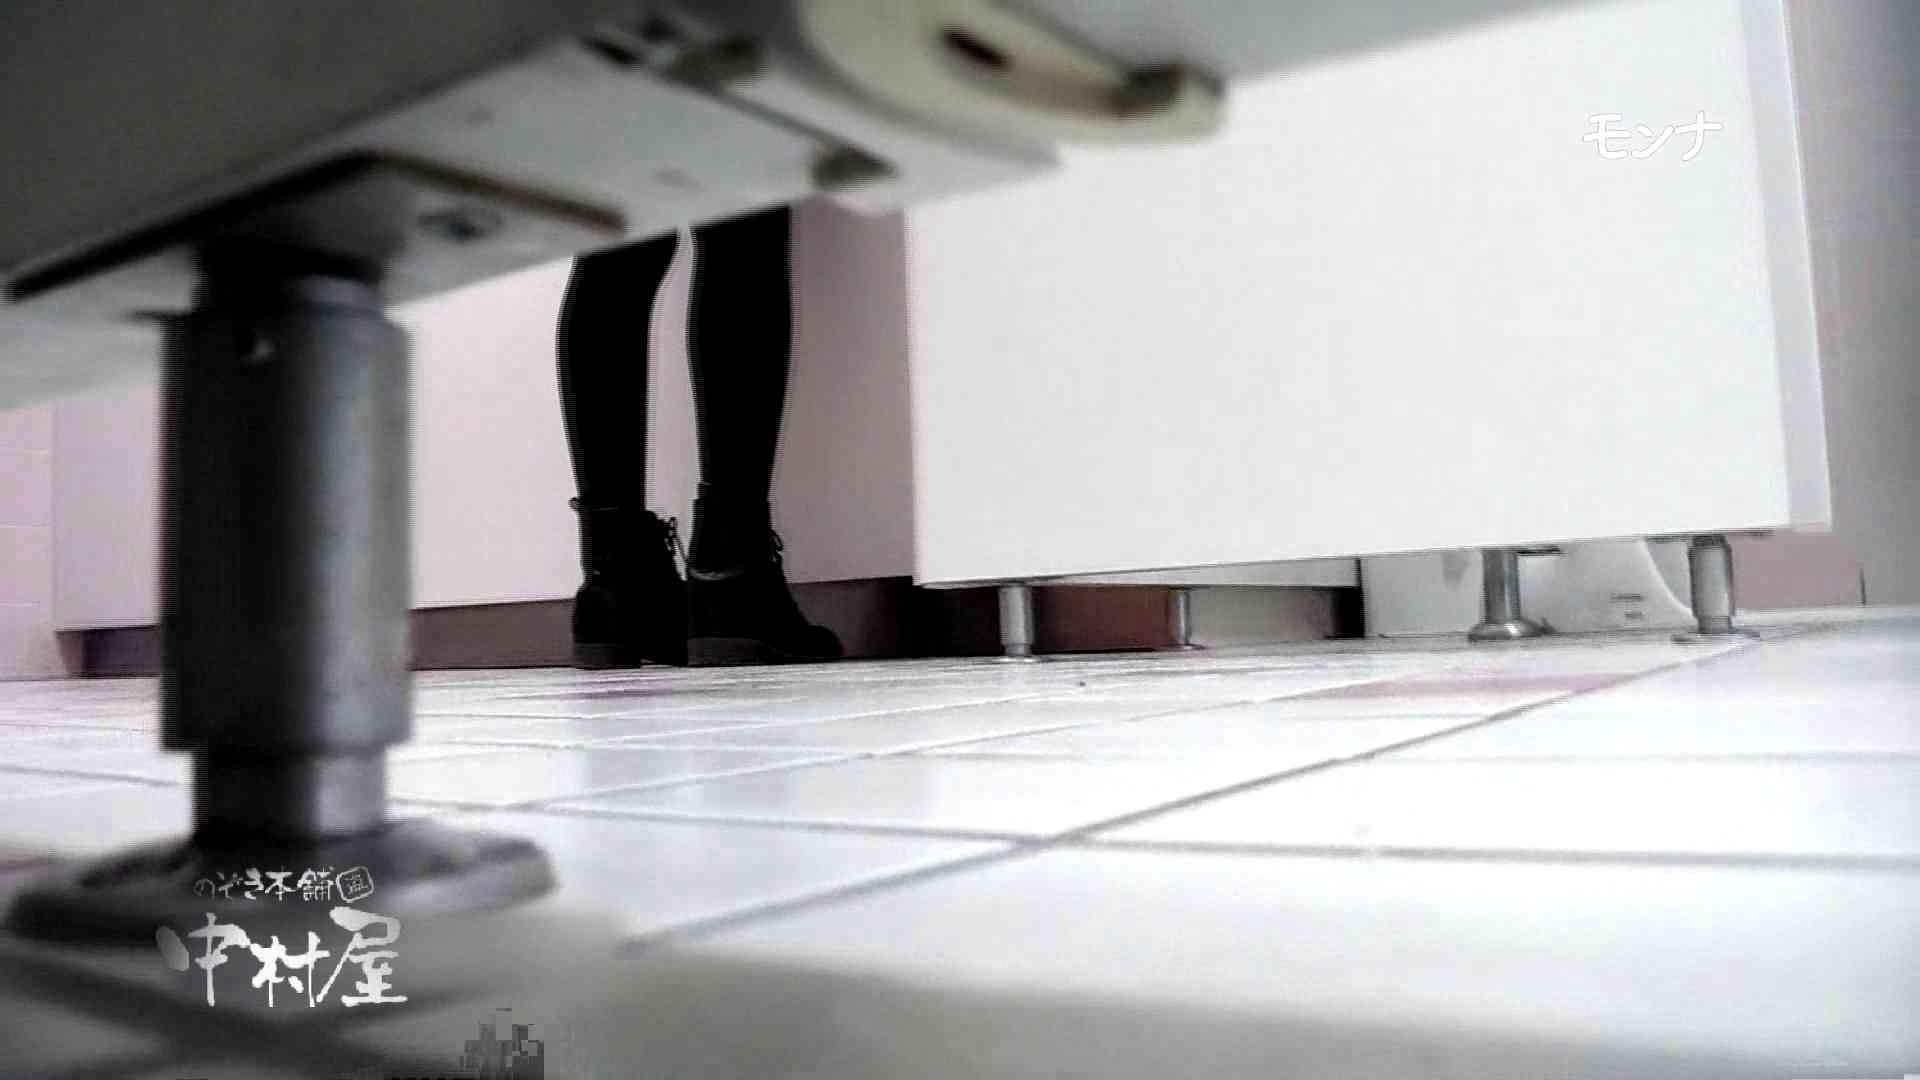 【美しい日本の未来】新学期!!下半身中心に攻めてます美女可愛い女子悪戯盗satuトイレ後編 悪戯 | 下半身  97pic 46